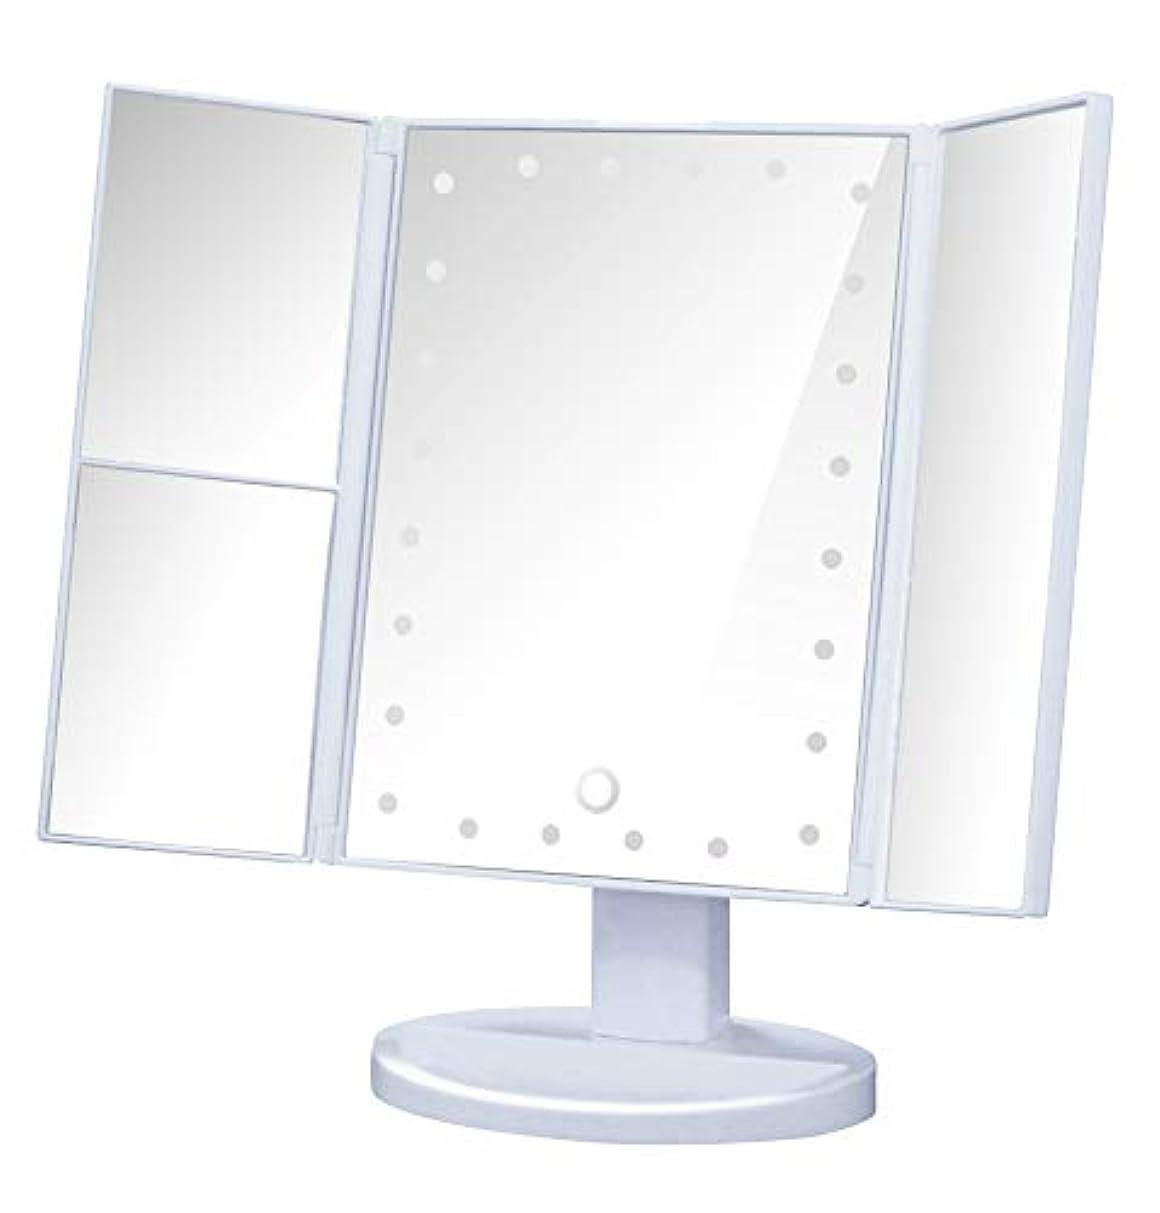 信者一瞬君主制化粧鏡 LED 三面鏡 卓上鏡 鏡 拡大鏡付き ライト付きメイクアップ用卓上ミラー (ホワイト)